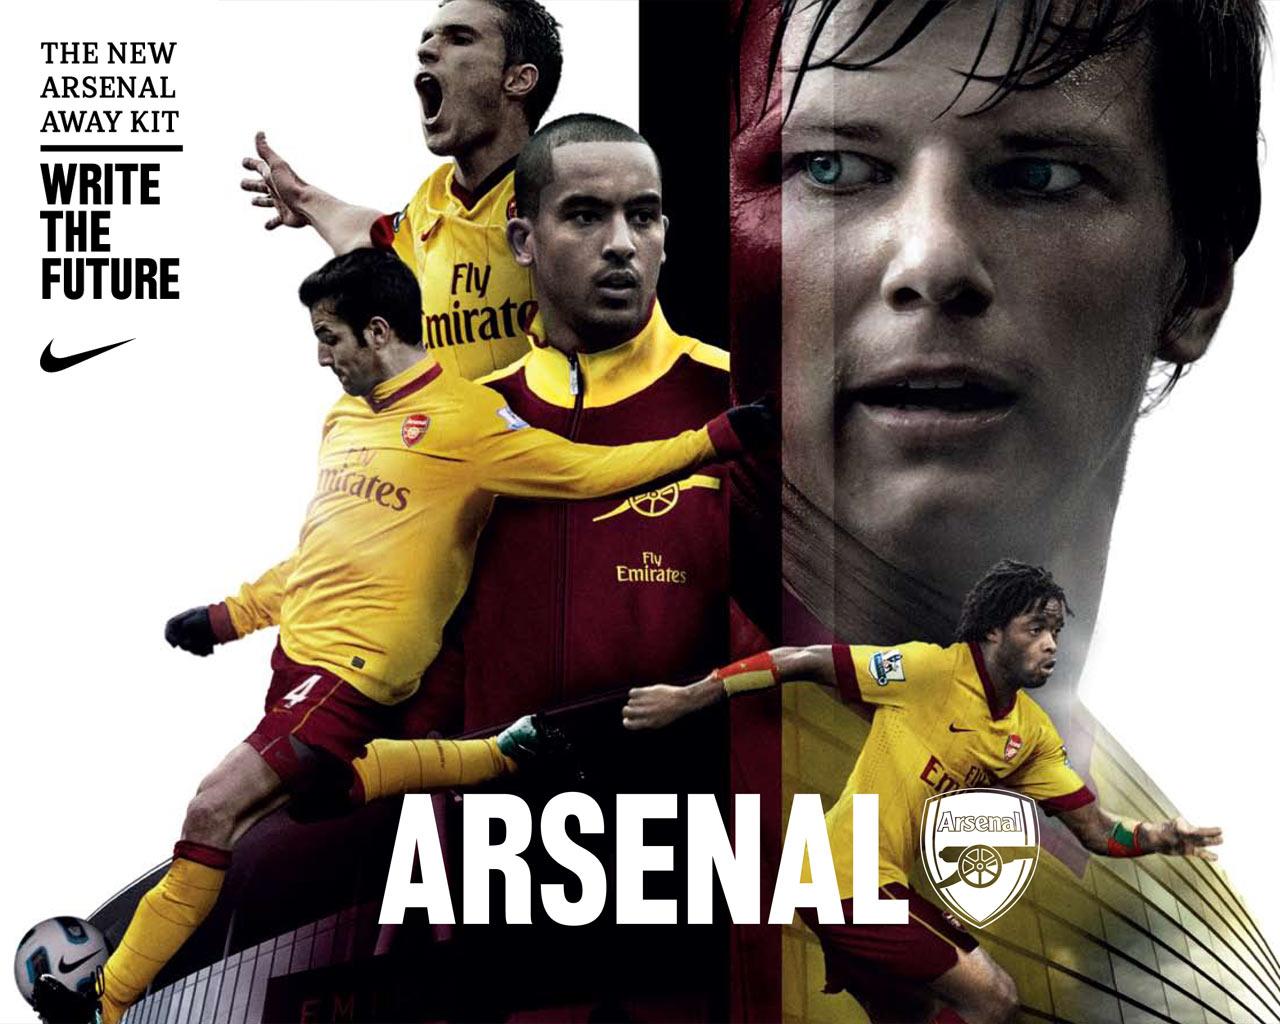 Кадры из фильма смотреть футбол онлайн арсенал халл сити